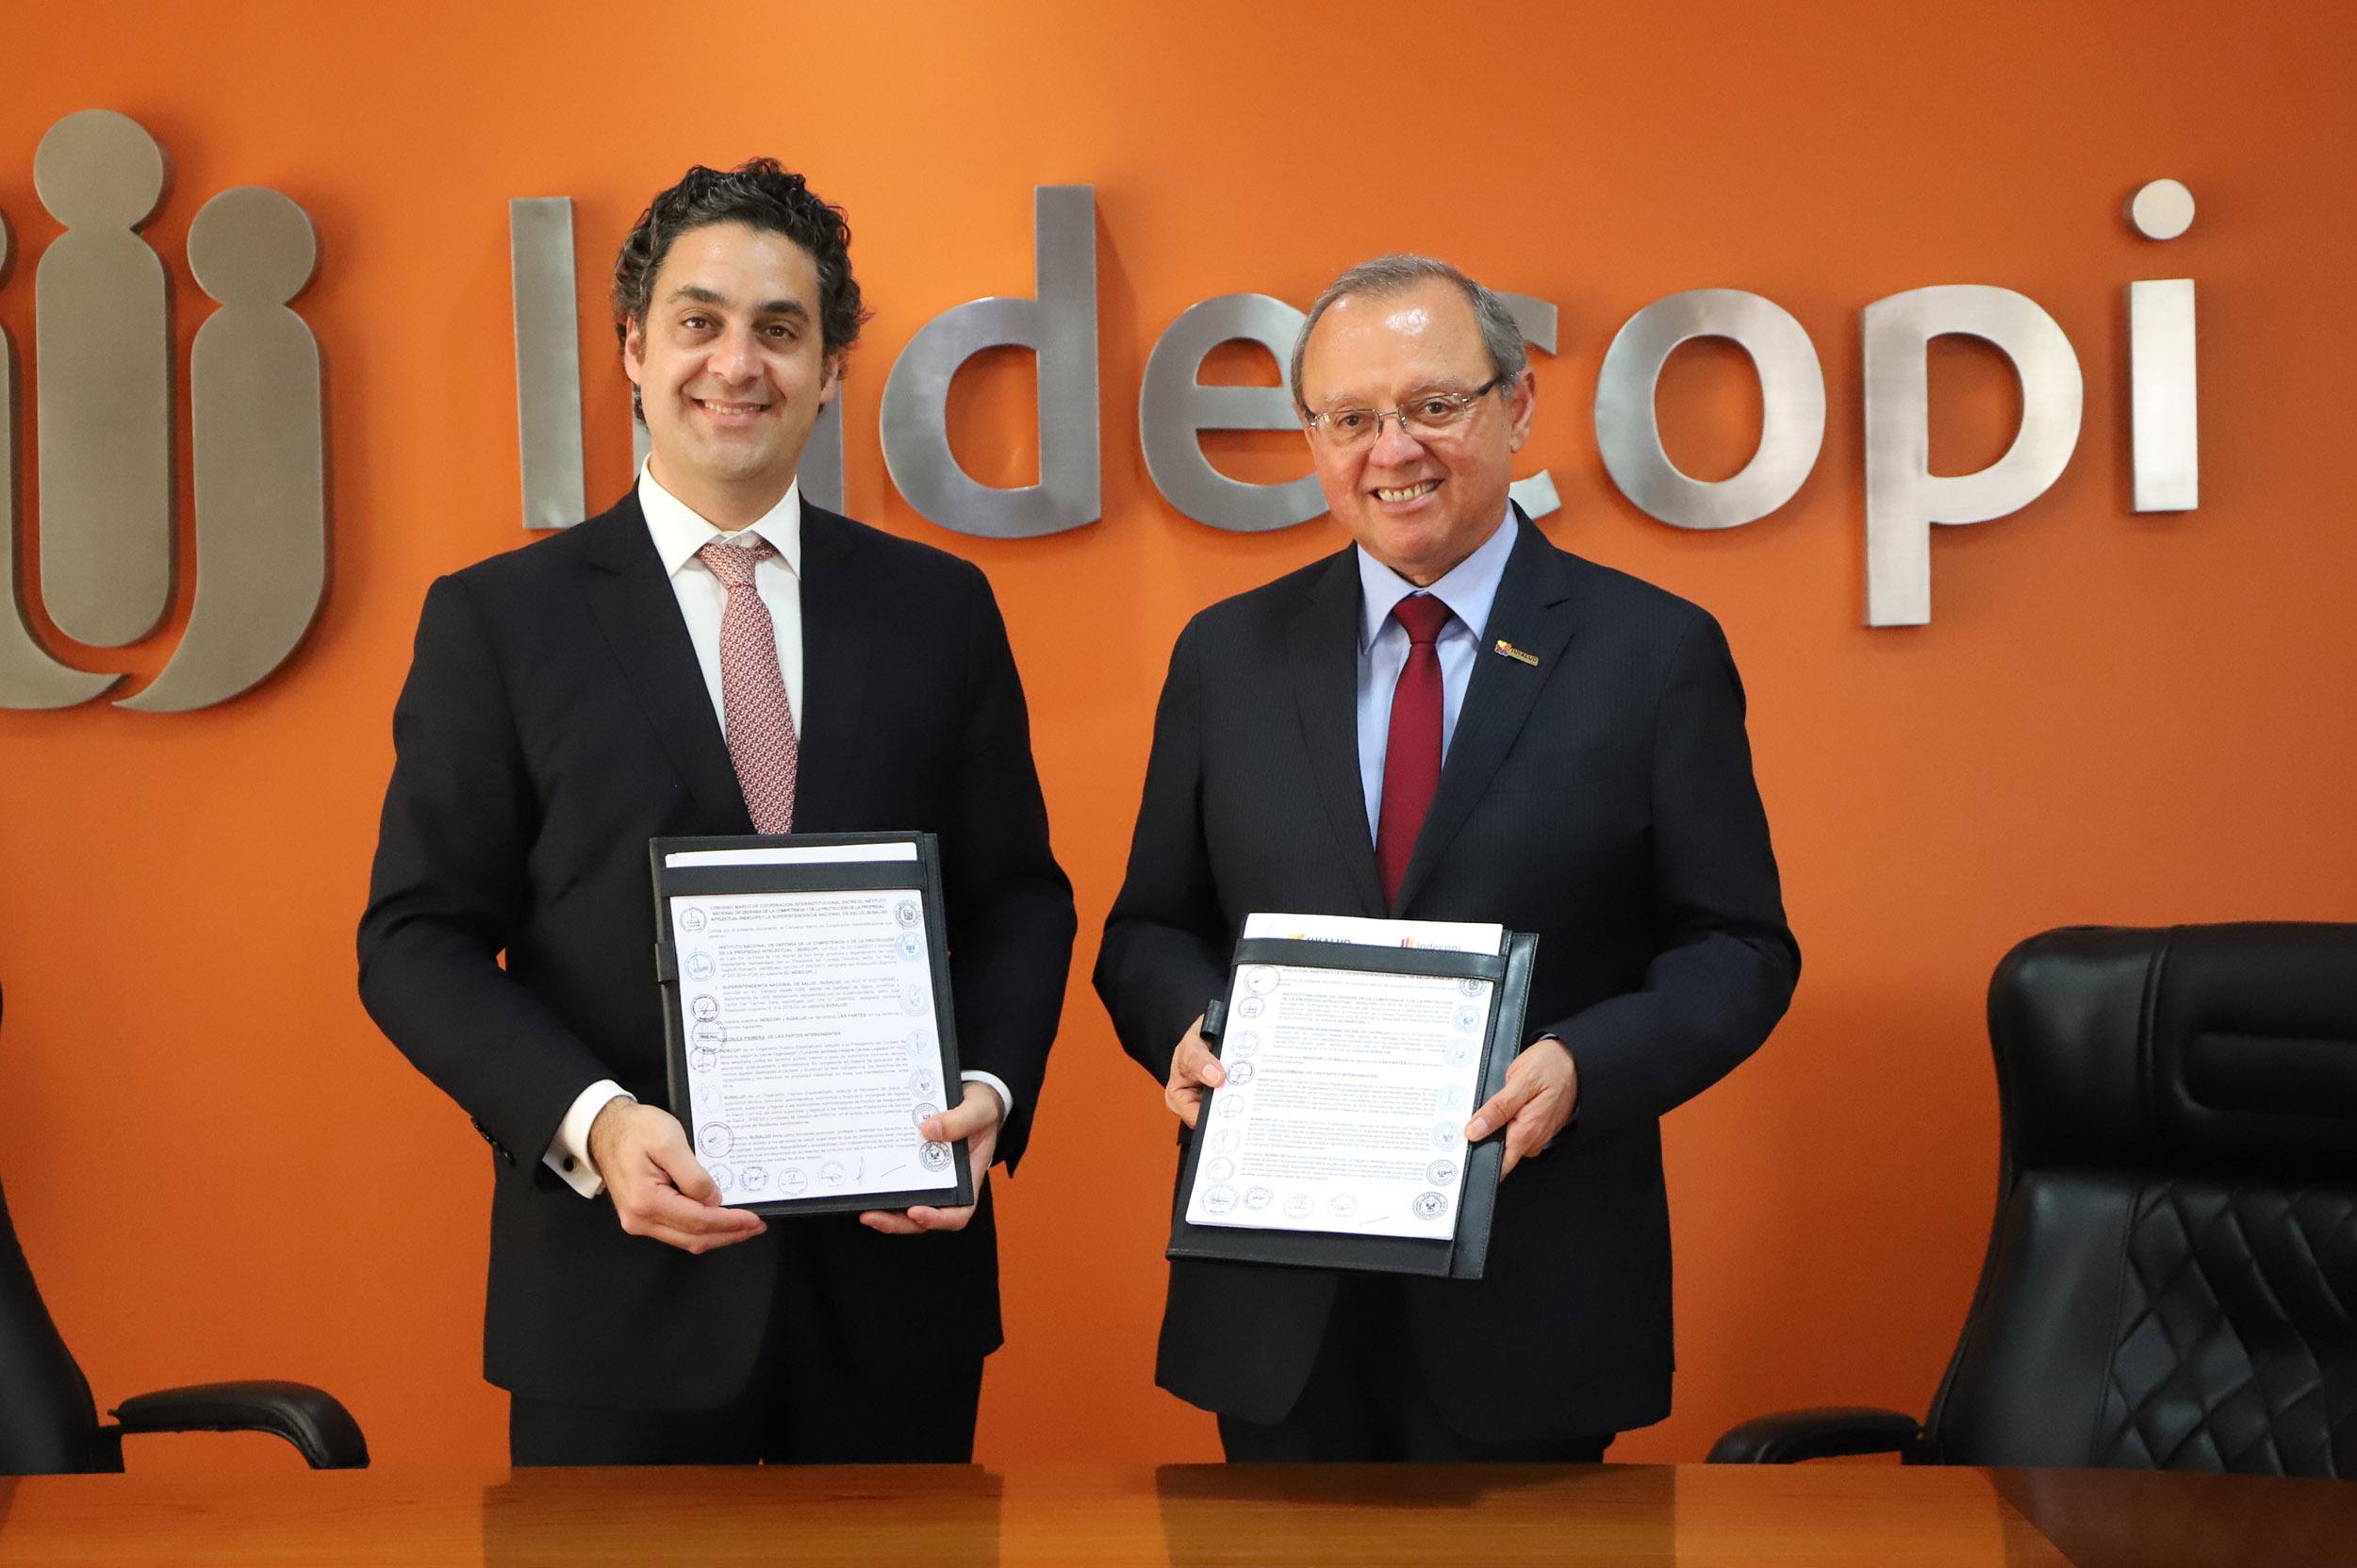 El Indecopi y SUSALUD suscriben convenio para fortalecer la defensa de los derechos de los usuarios de servicios de salud